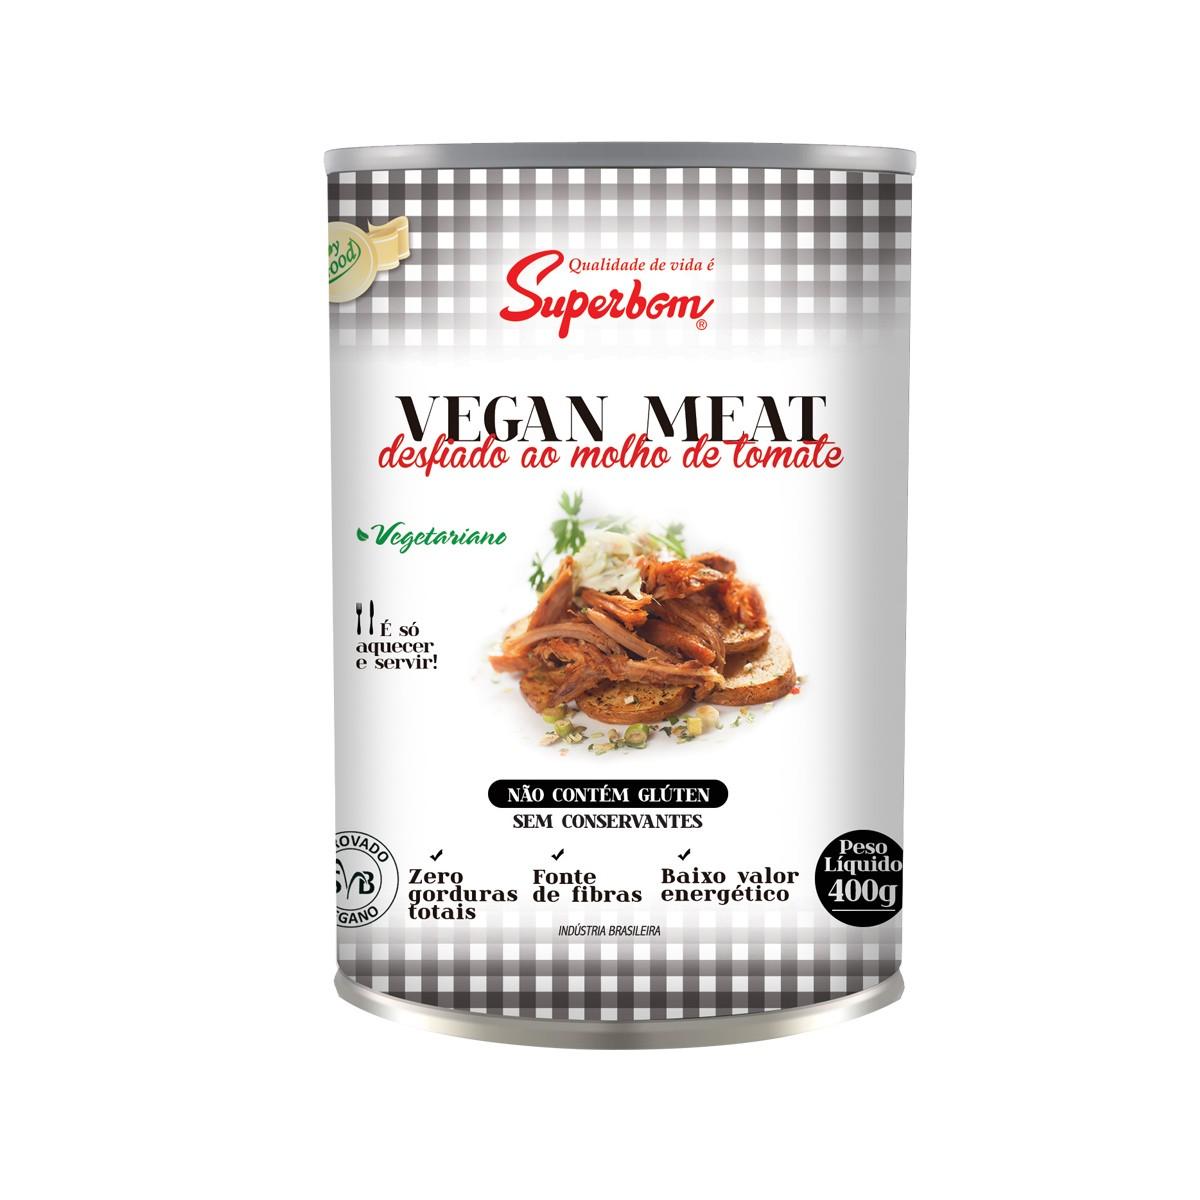 Desfiado ao Molho de Tomate Vegan Meat 400g - Super Bom